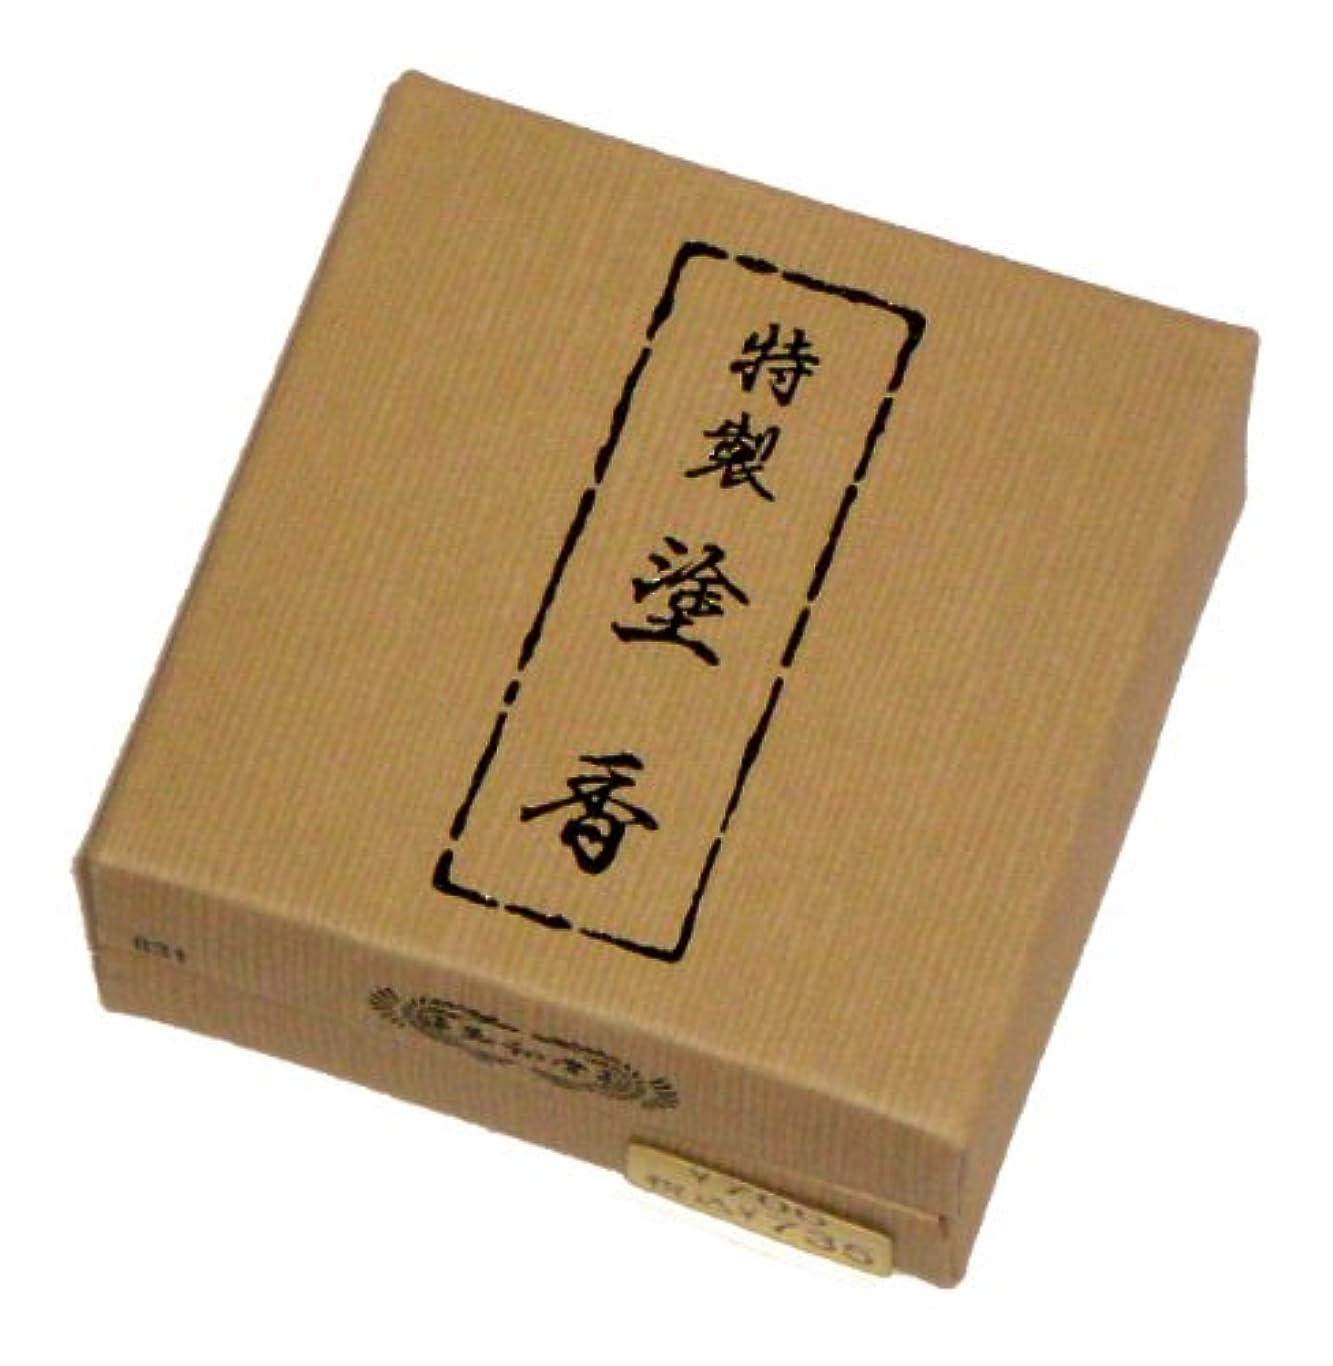 怒りくつろぎ被る玉初堂のお香 特製塗香 15g 紙箱 #831